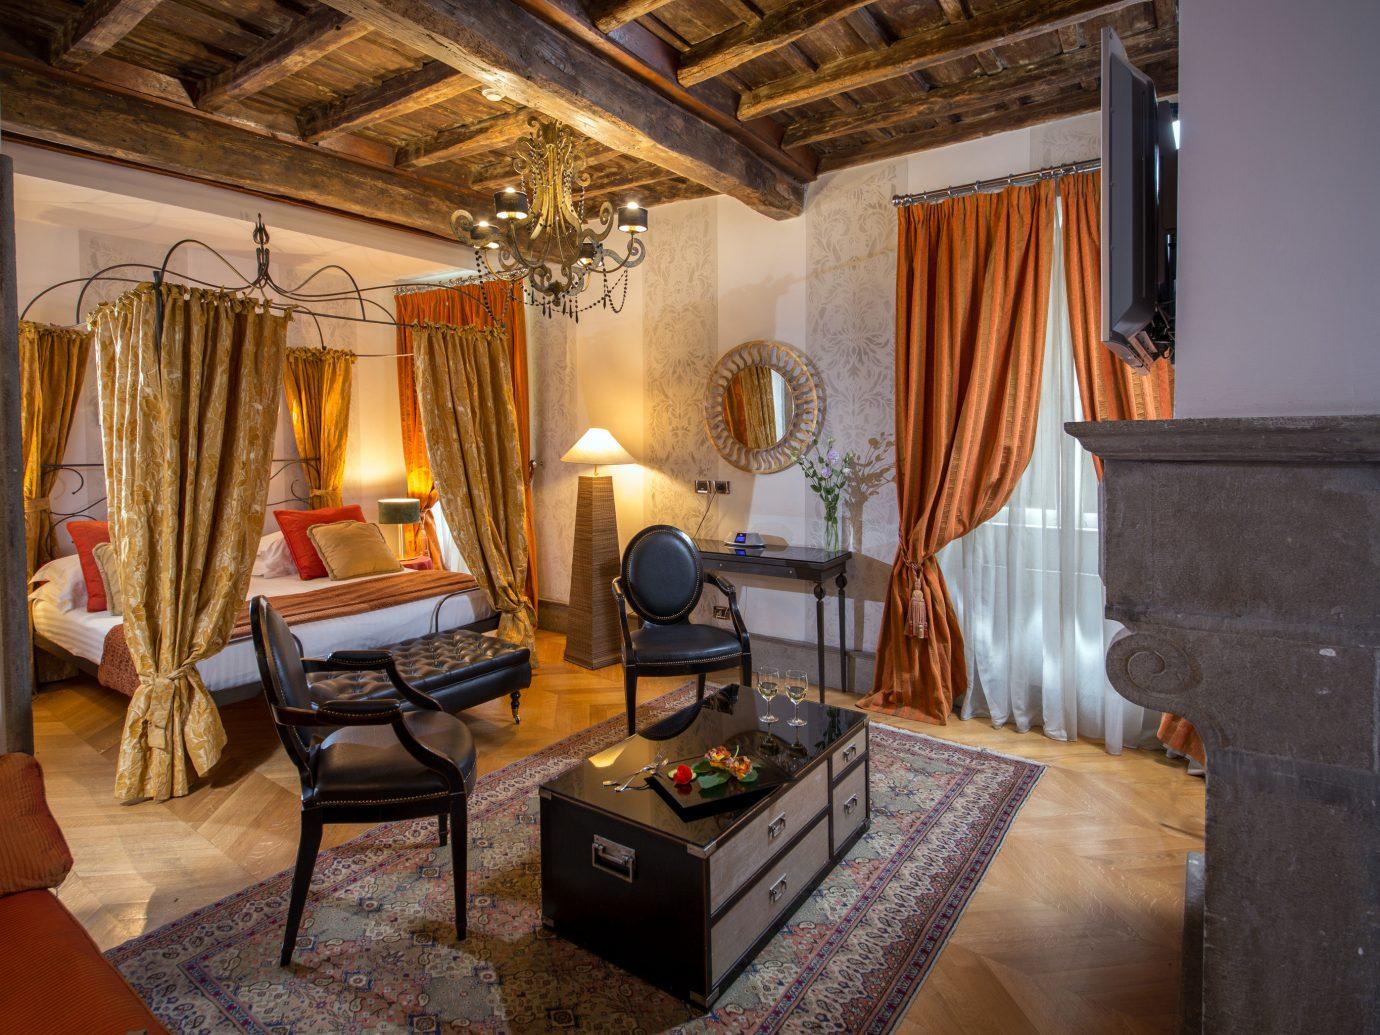 Hotels indoor wall room floor property estate building house living room home Living cottage interior design real estate Villa farmhouse mansion Suite furniture